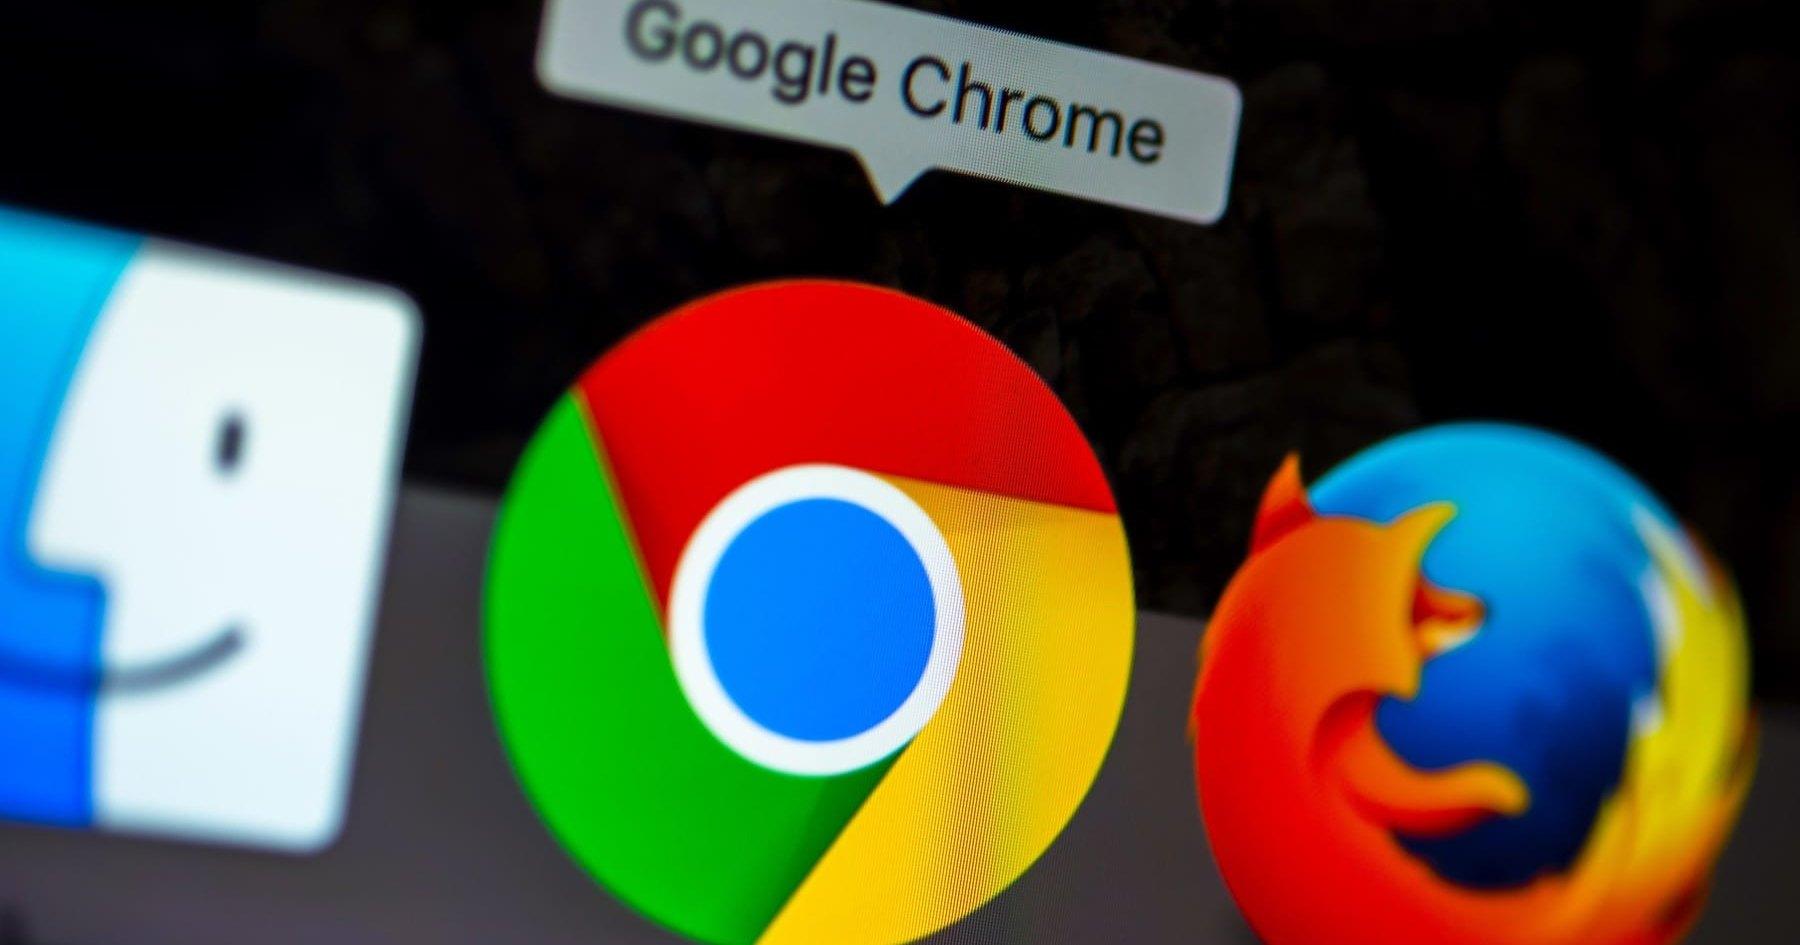 Chrome уличили в утечке личных данных